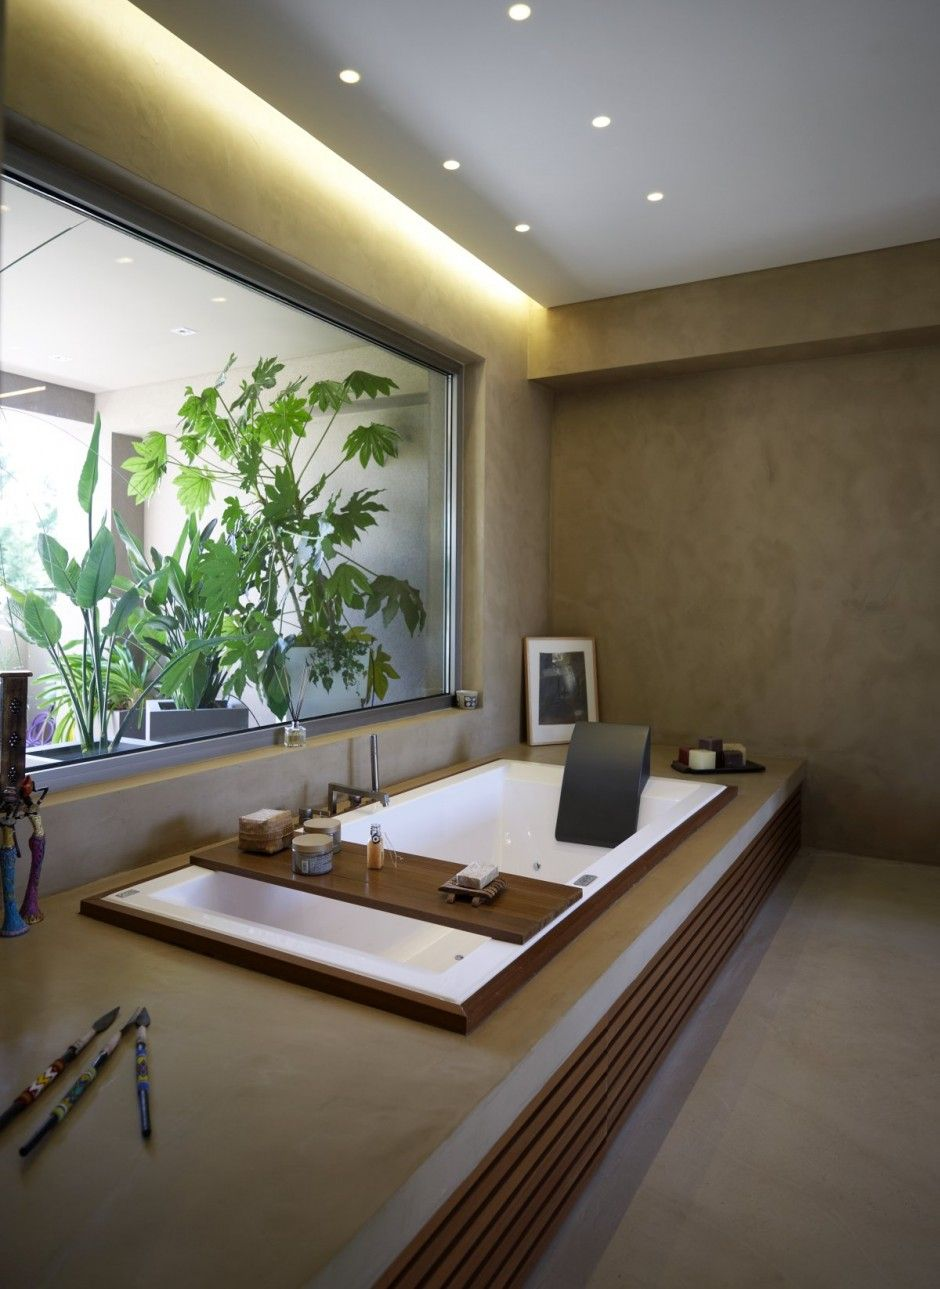 Badewanne mit Ablage